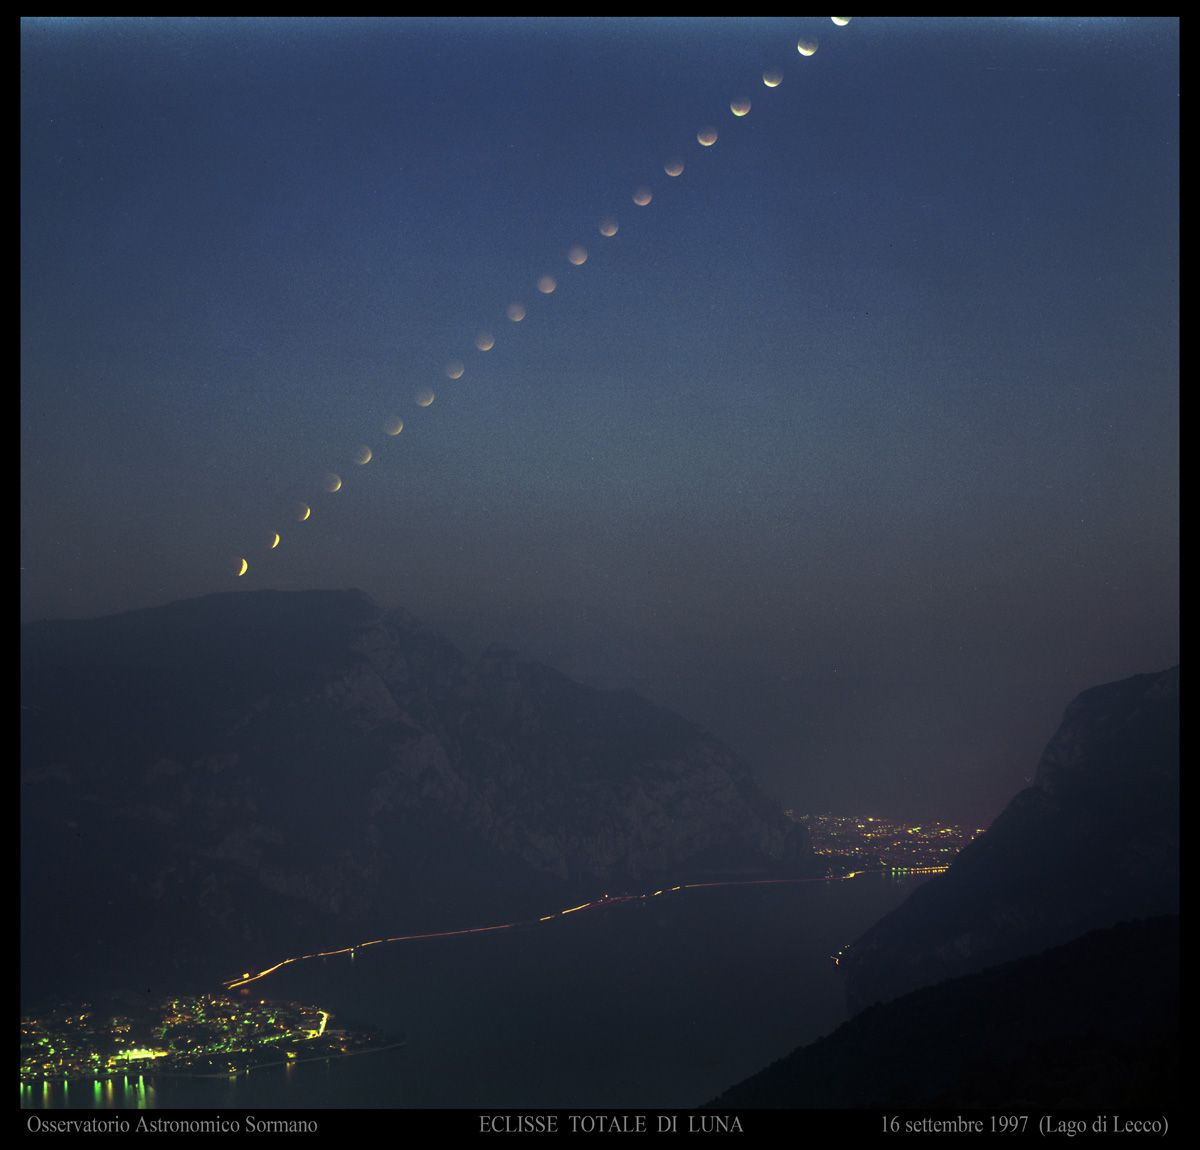 Immagine 2 - Eclissi totale di Luna